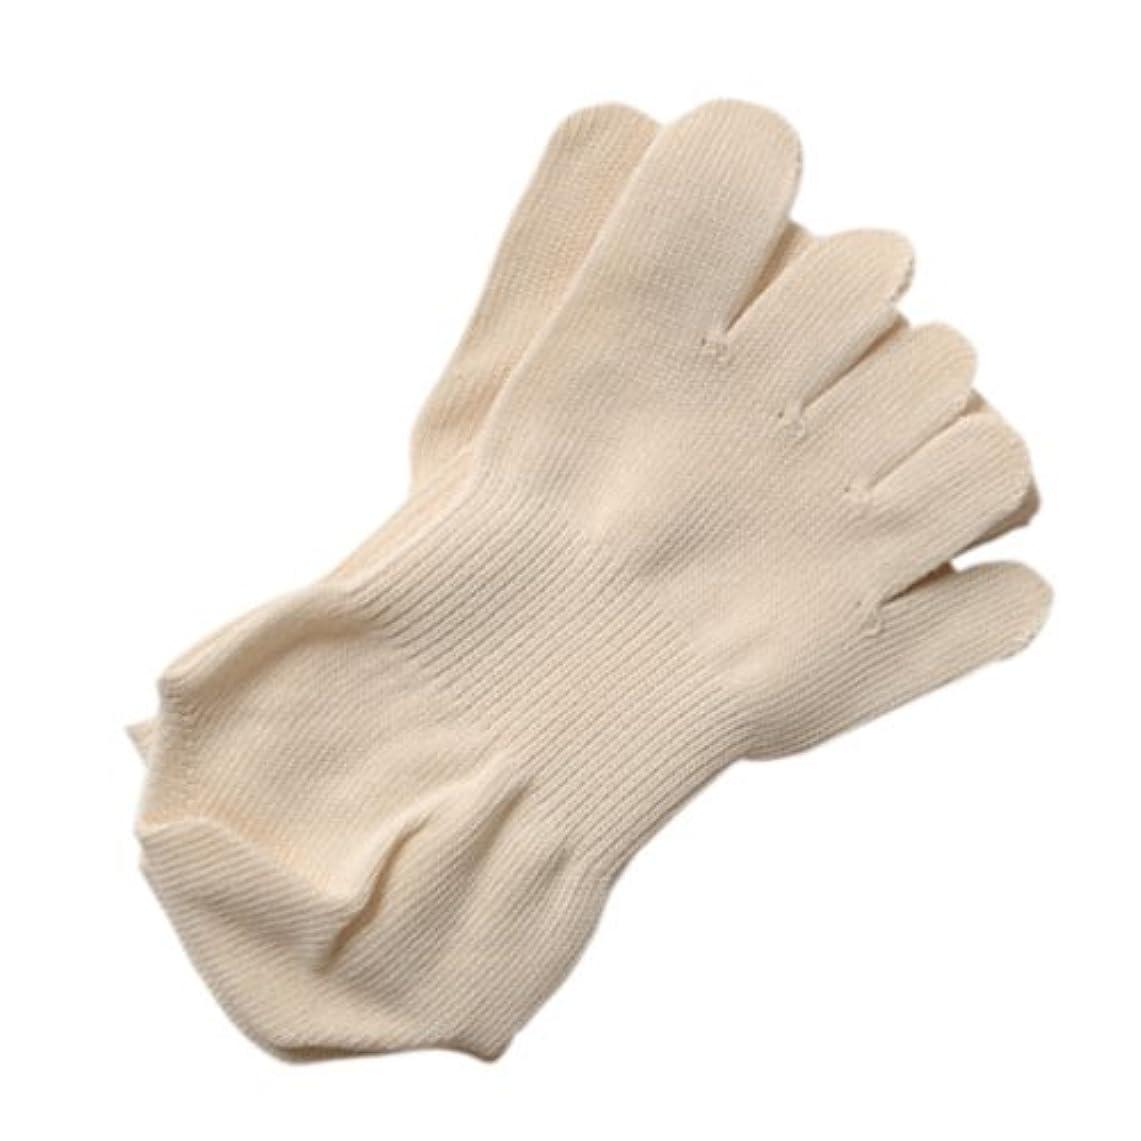 複製するゆるく適度な五本指薄手ソックスMアイボリー:オーガニックコットン100% 履くだけで足のつぼをマッサージし、健康に良いソックスです!